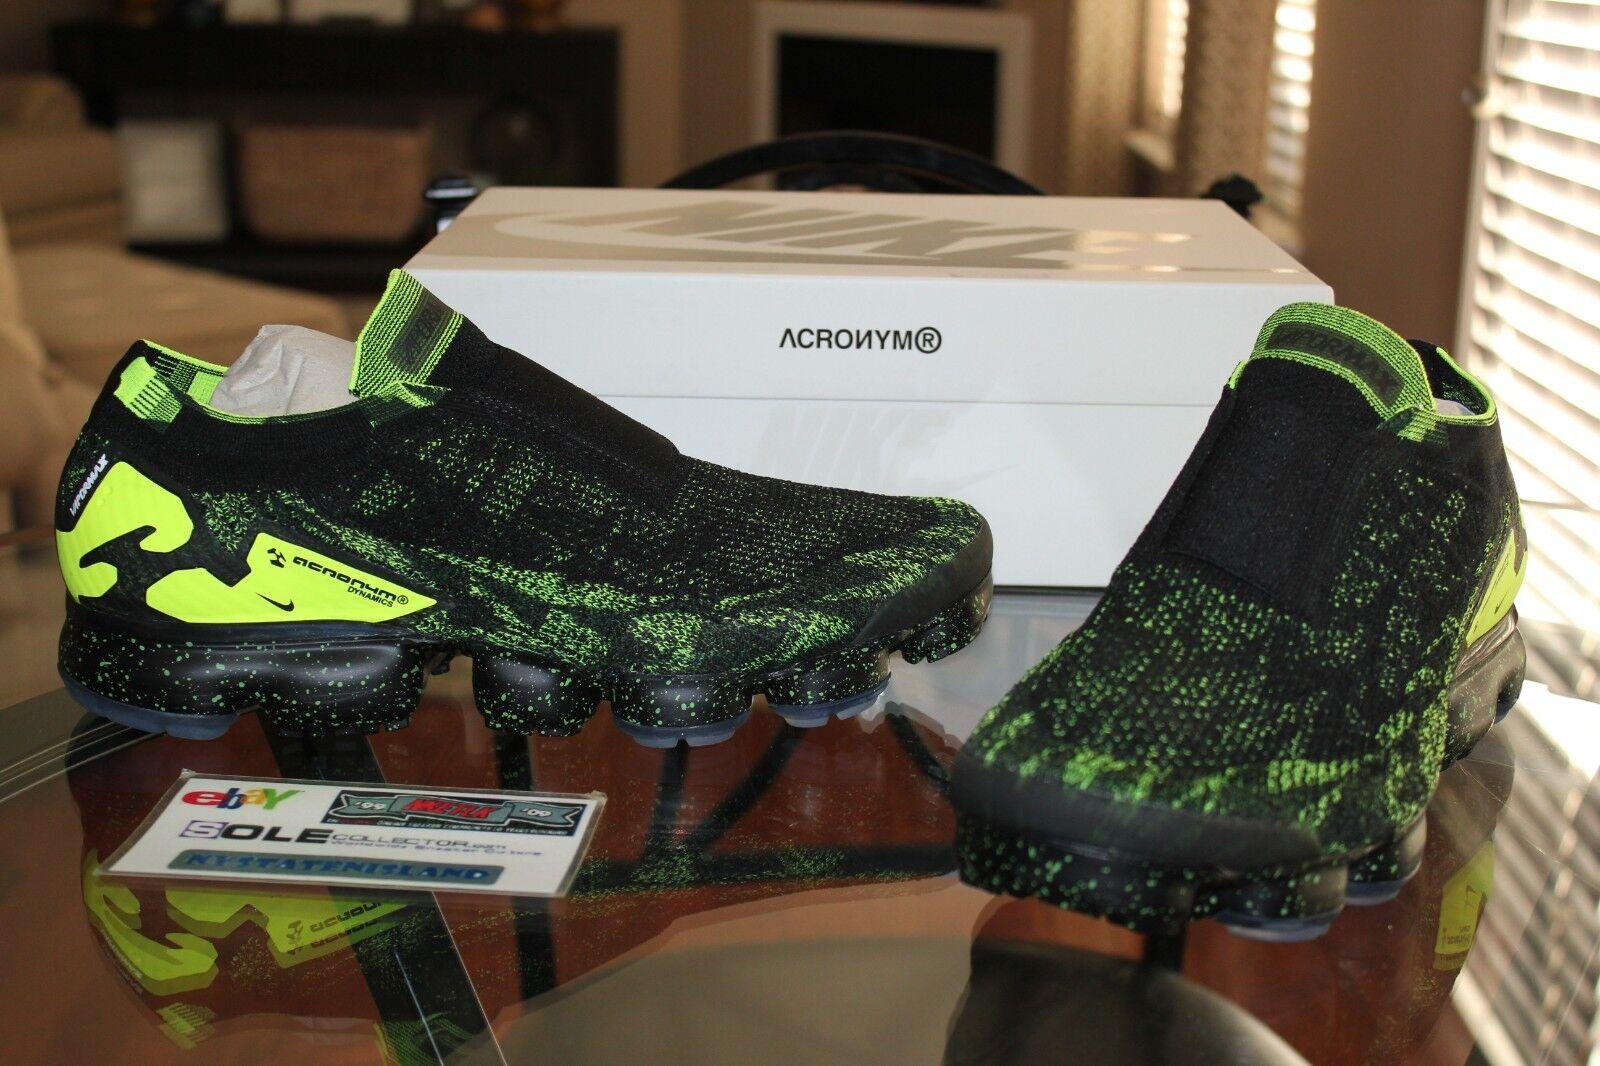 Material Nike Air vapormax aq0996-007 Moc 2 sigla Negro aq0996-007 vapormax comodo gran descuento ea362e